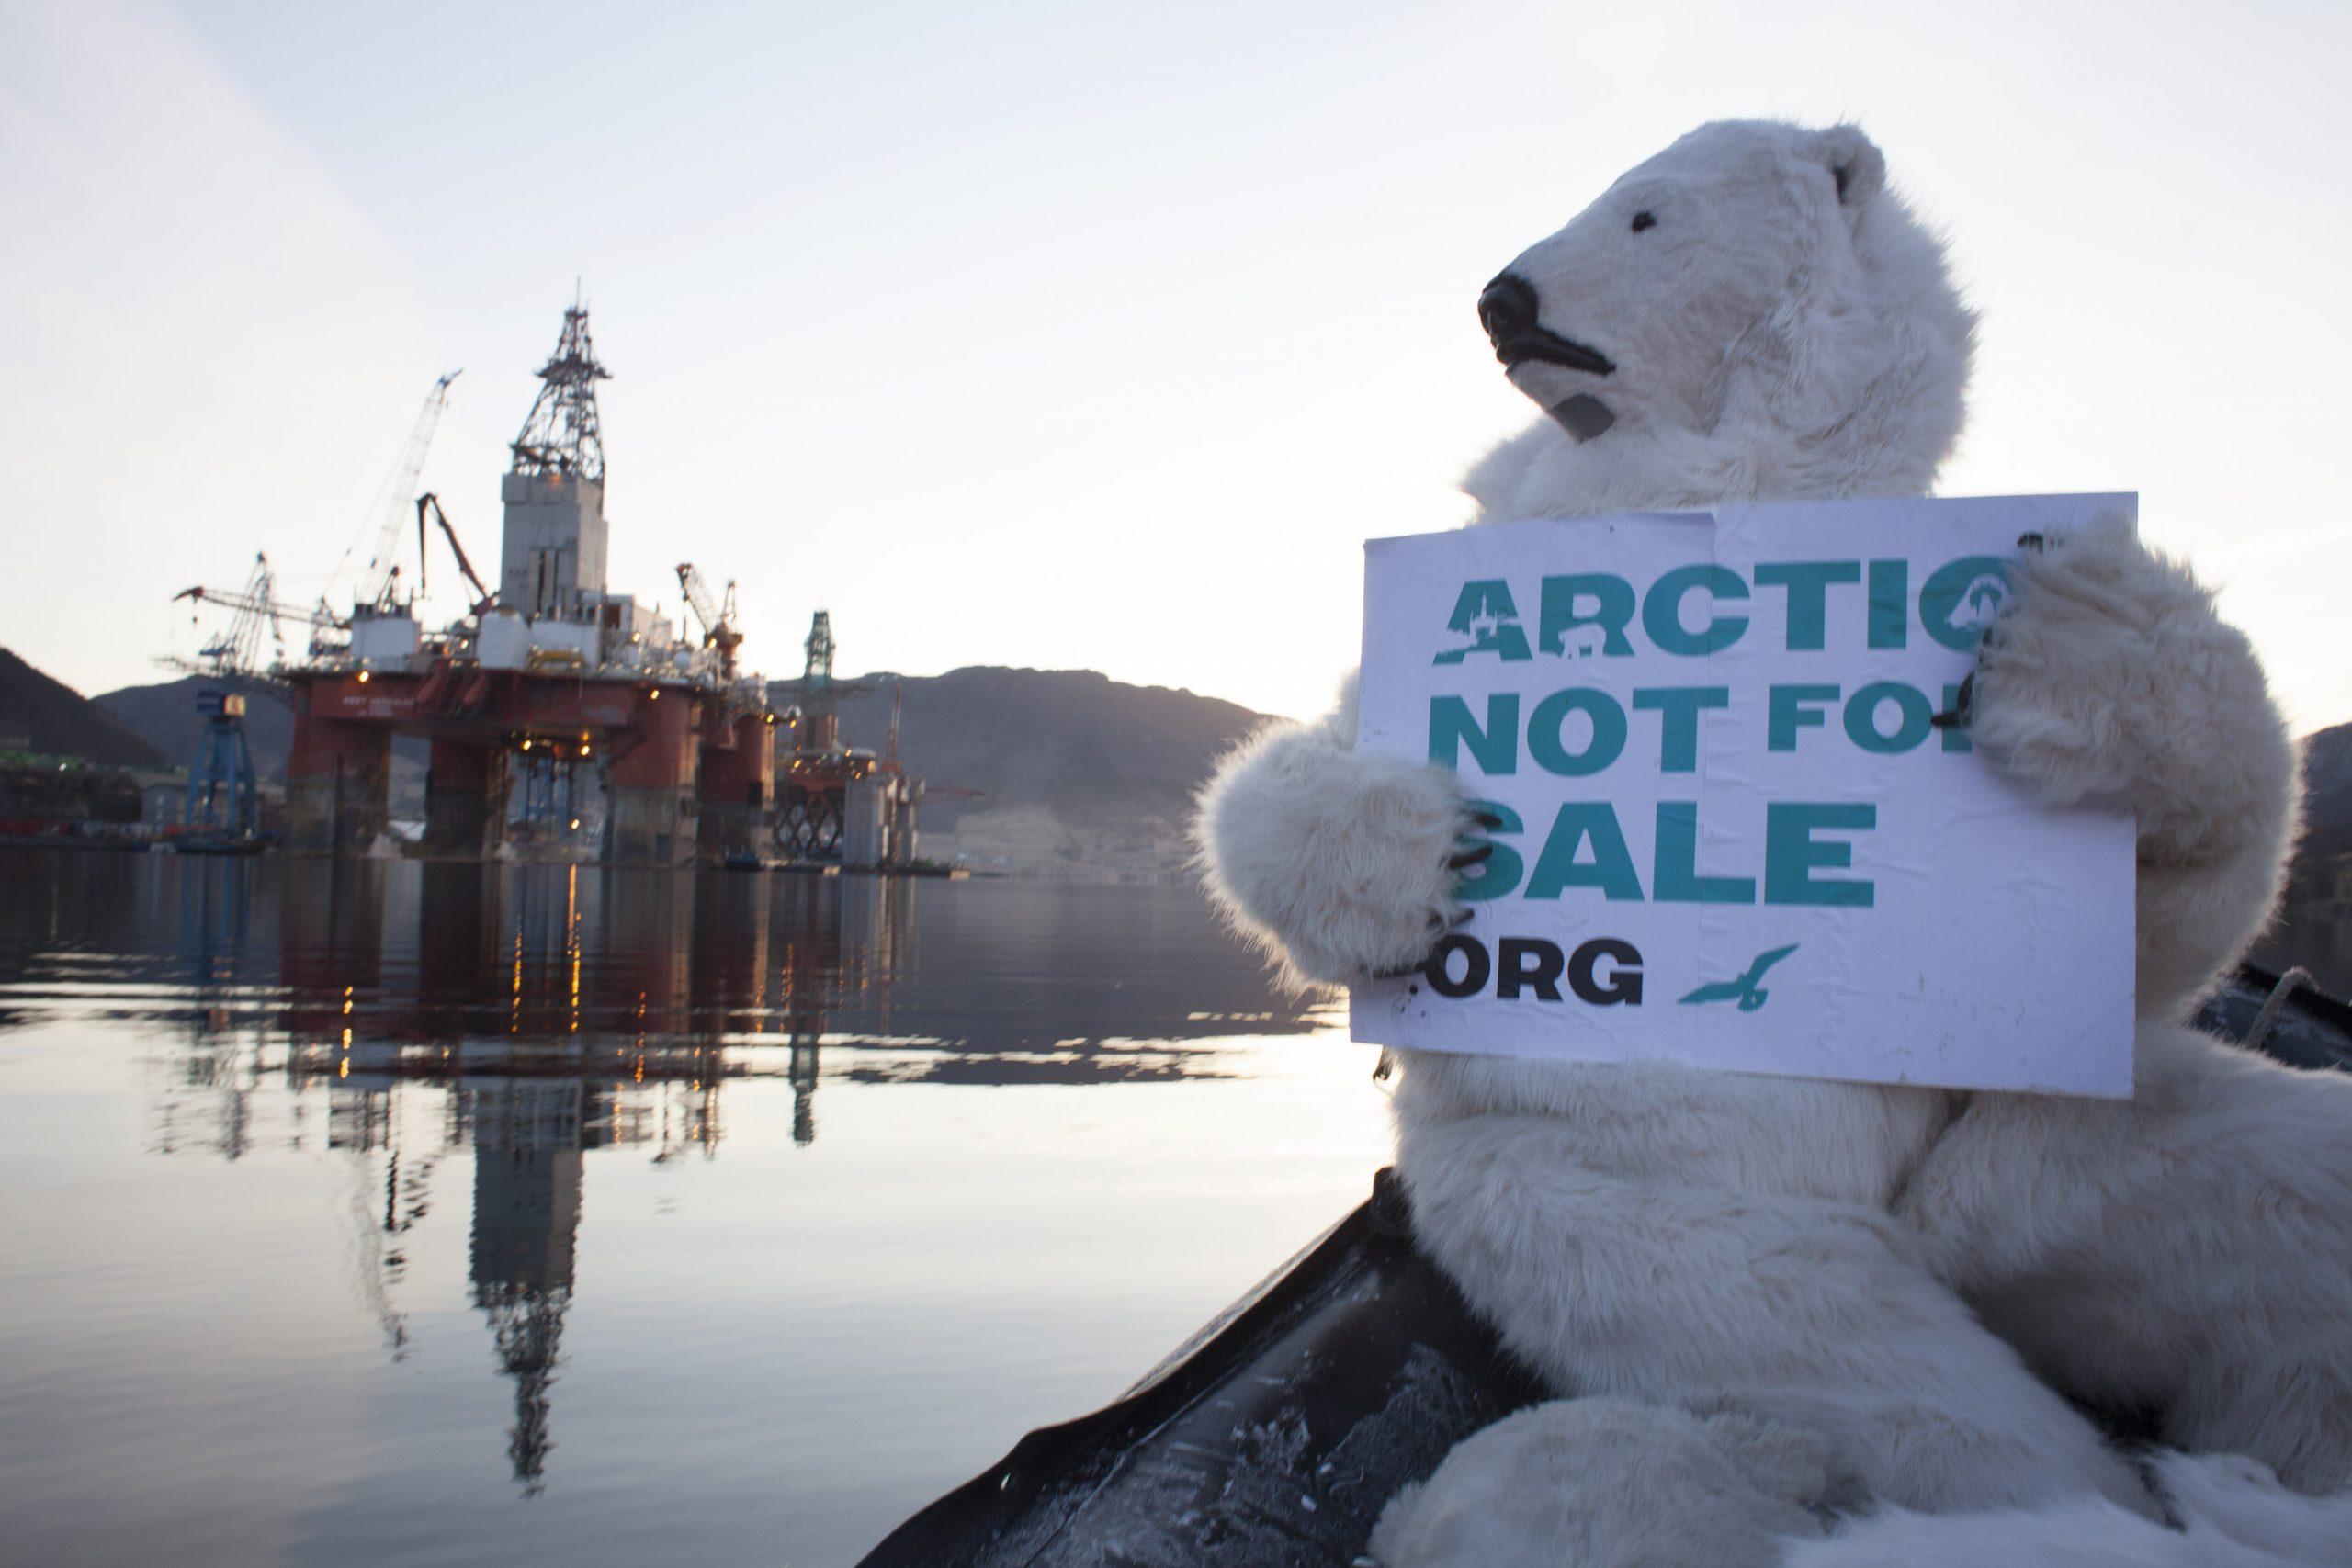 أنصار حماية البيئة يسعون إلى منع أعمال التنقيب عن النفط بالقطب الشمالي